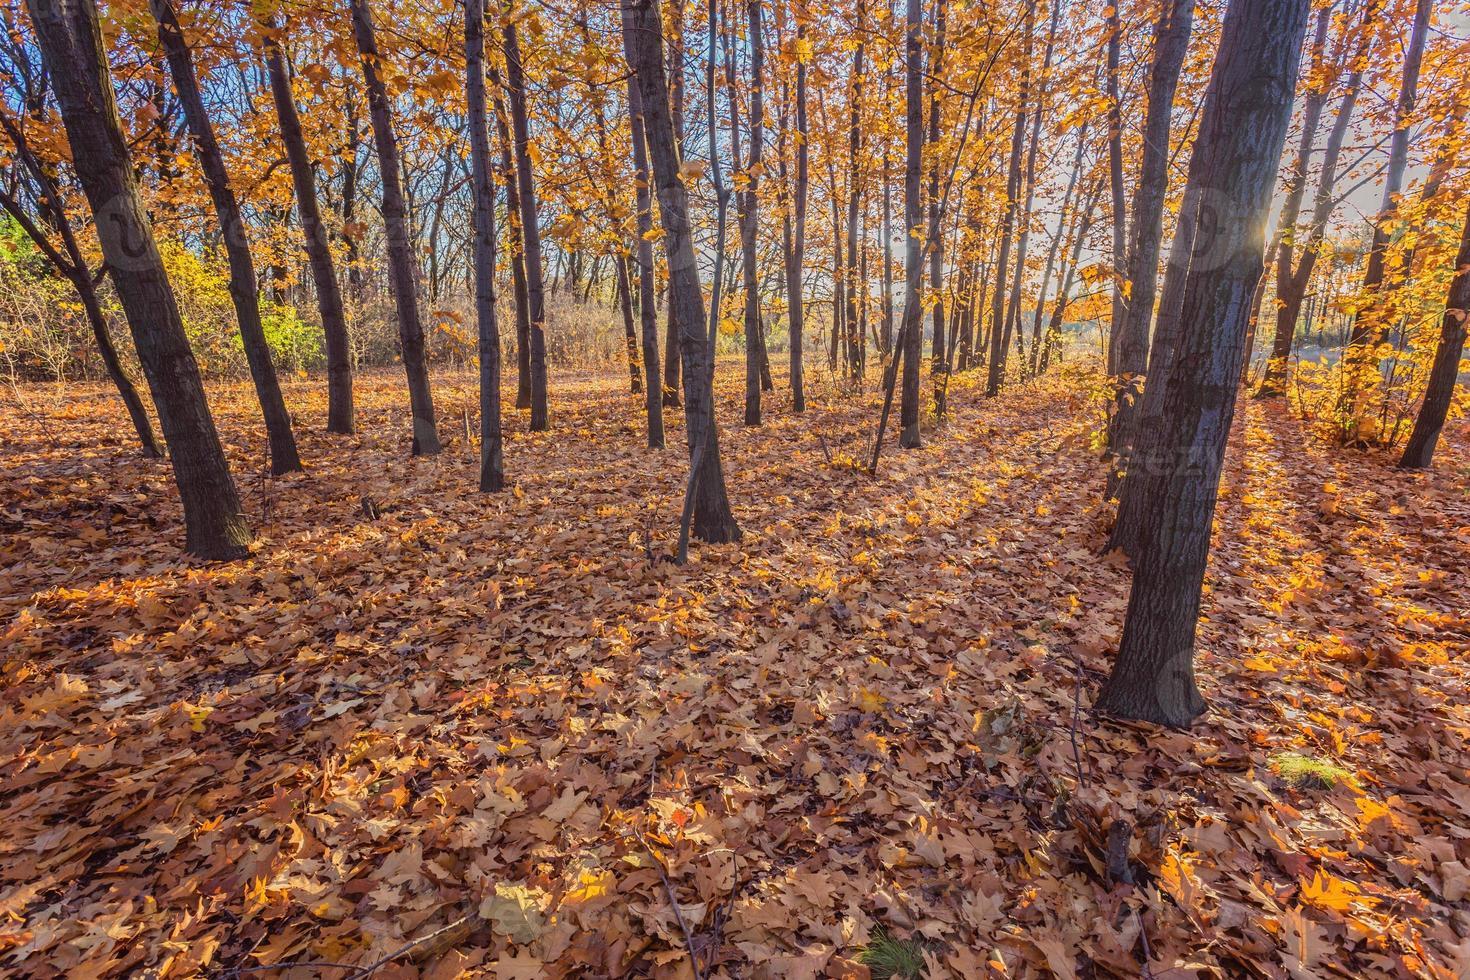 parque outonal. árvores e folhas de outono foto